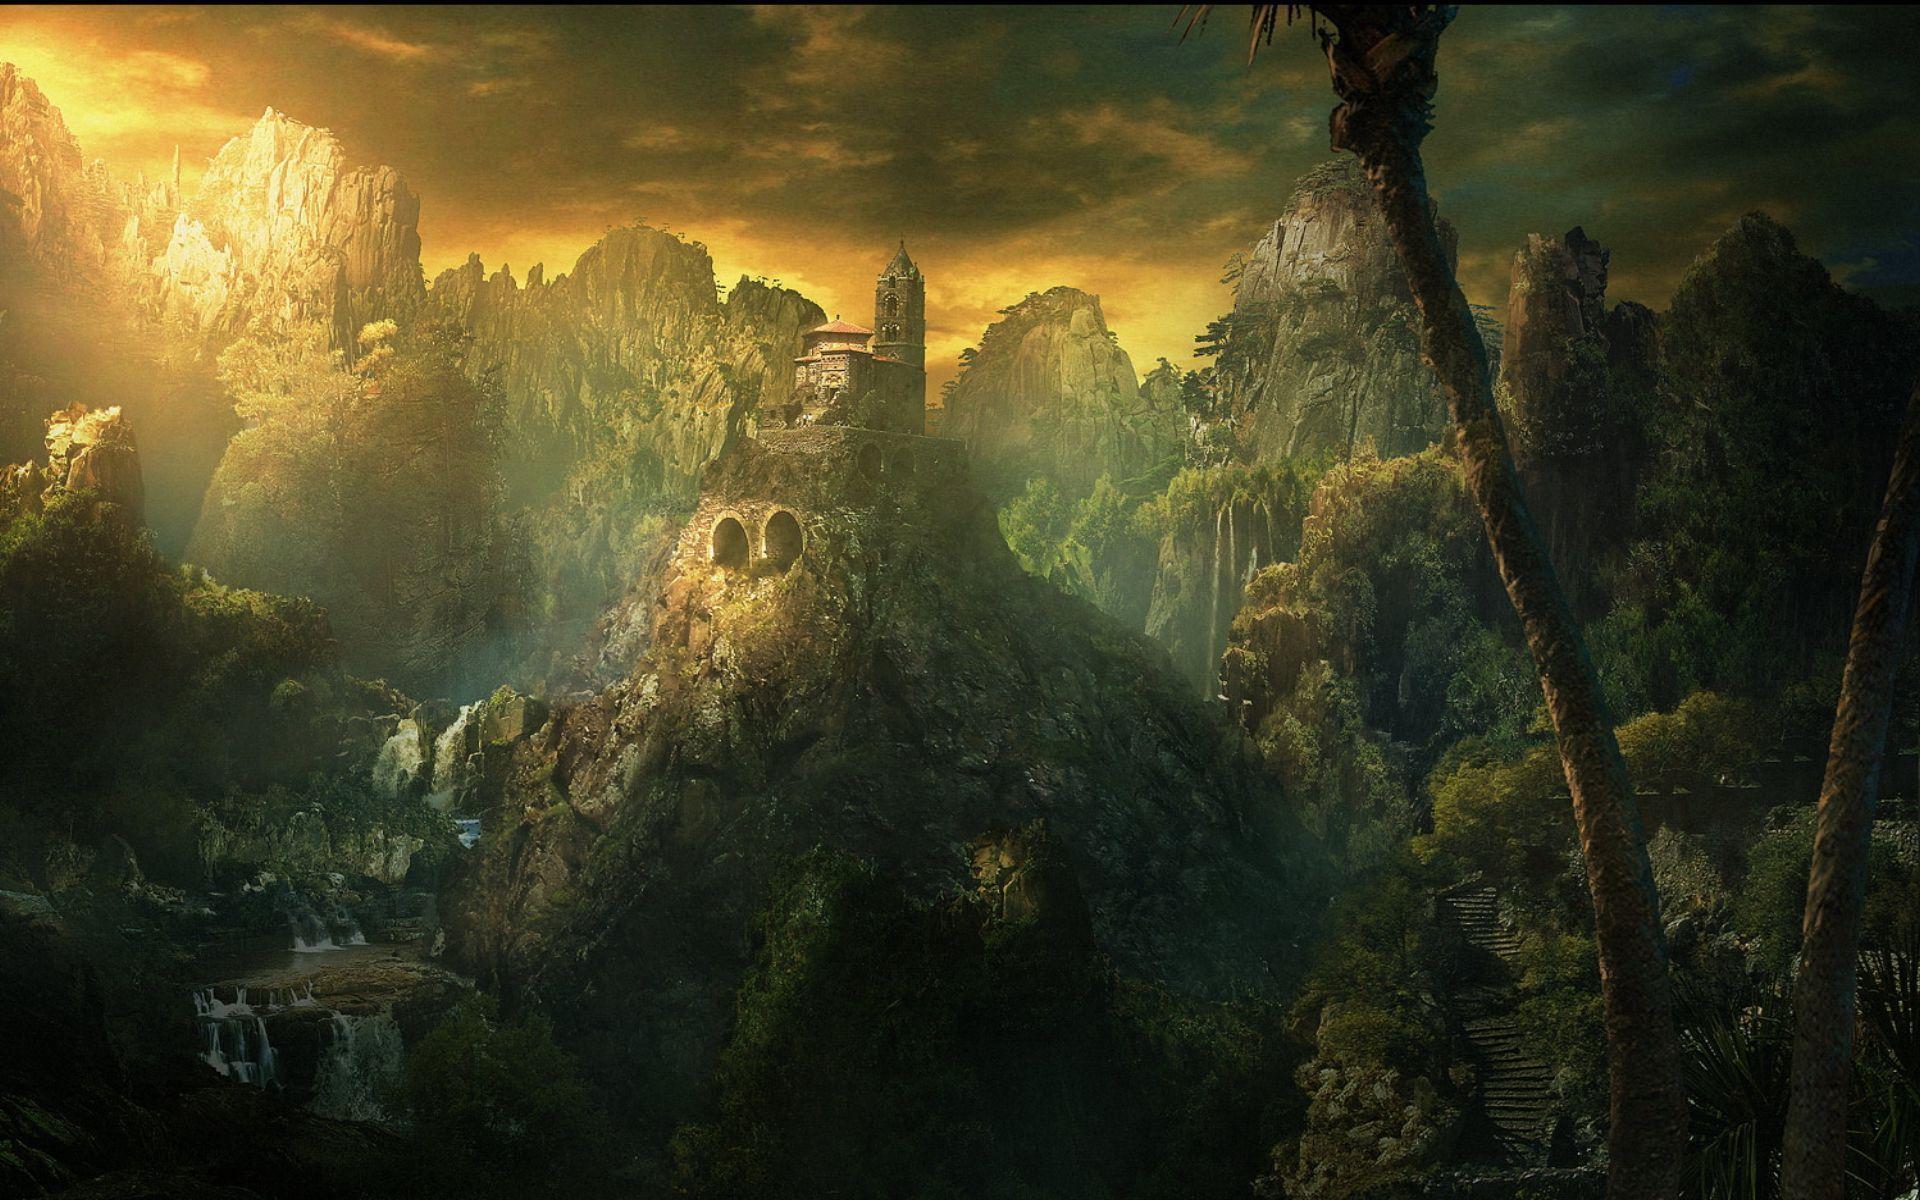 Epic Landscape Hd